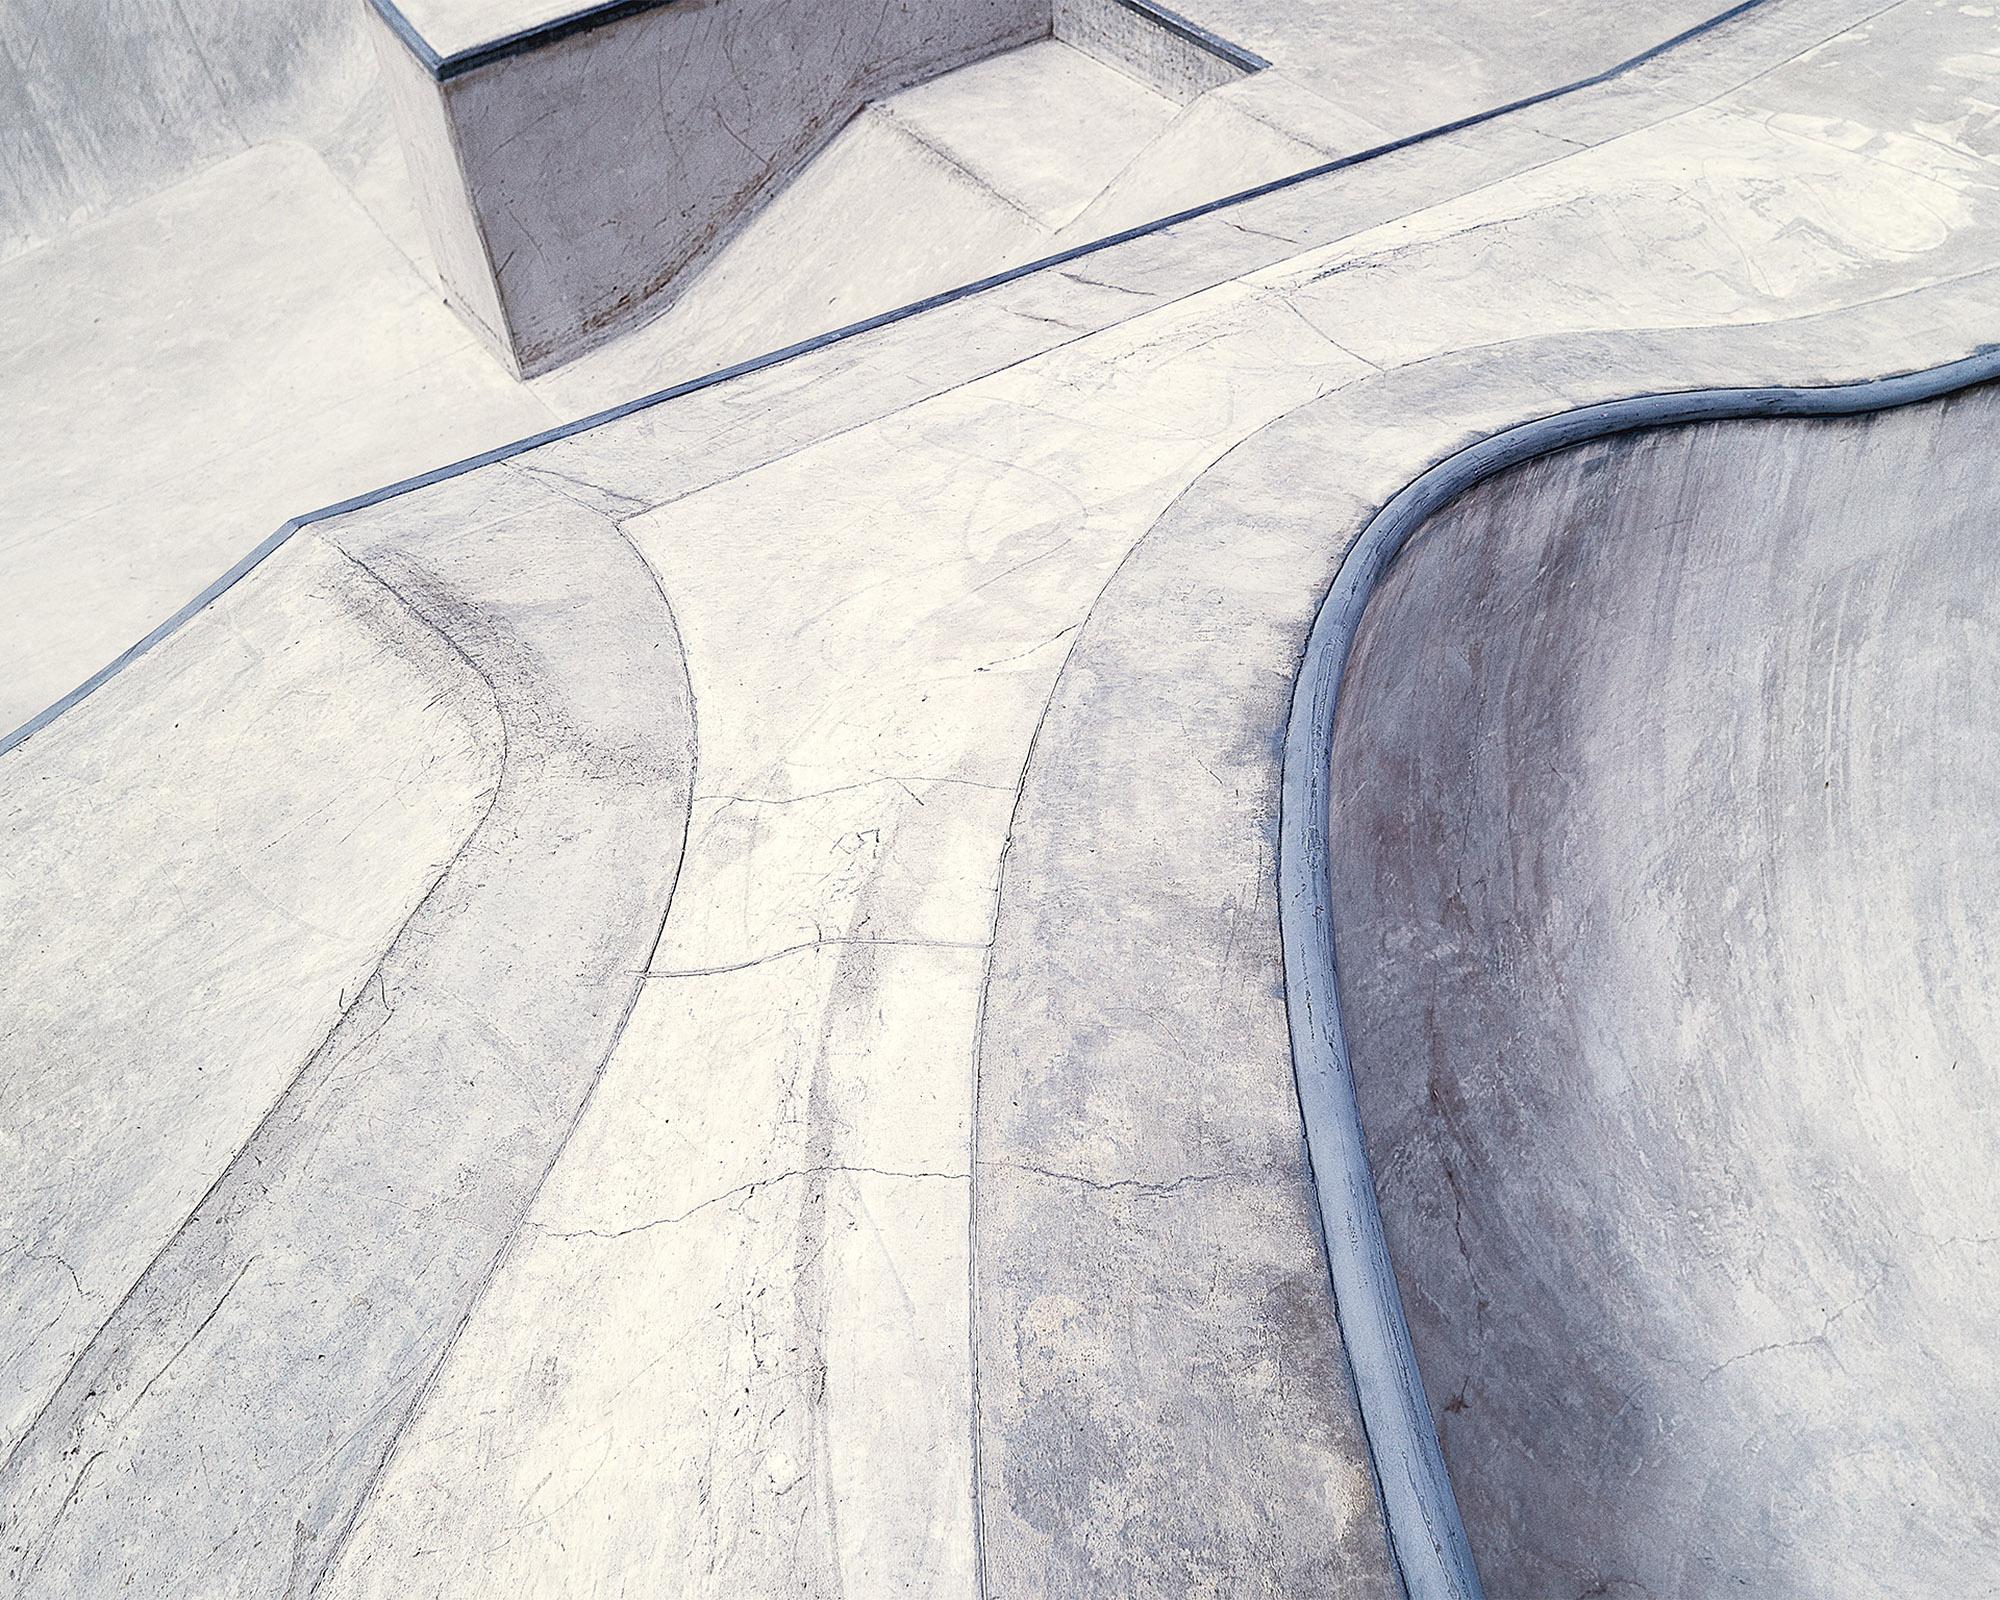 Skatepark_4.jpg